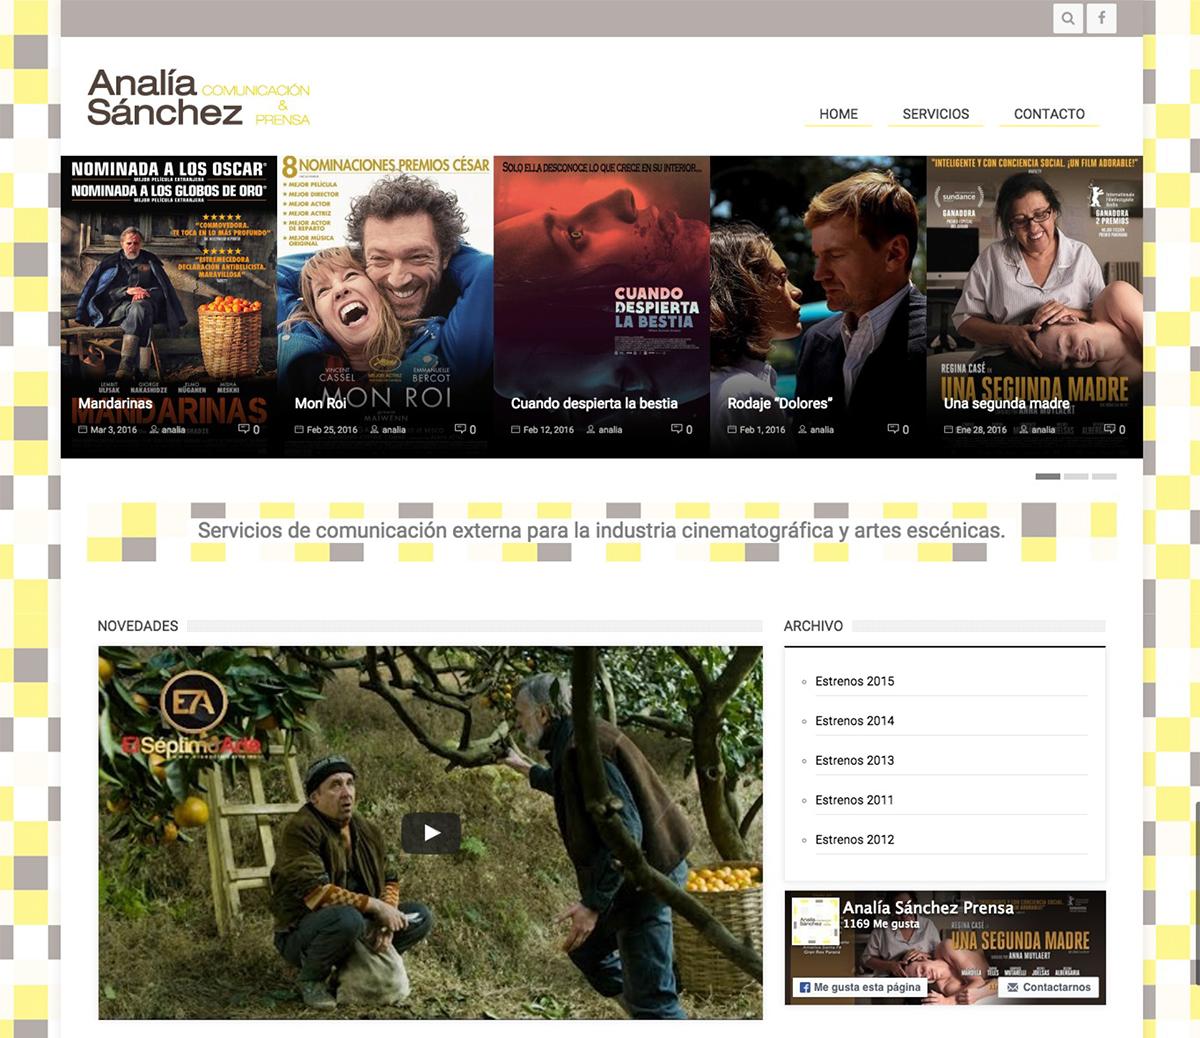 FireShot Capture 7 - Analía Sánchez Prensa - http___www.analia